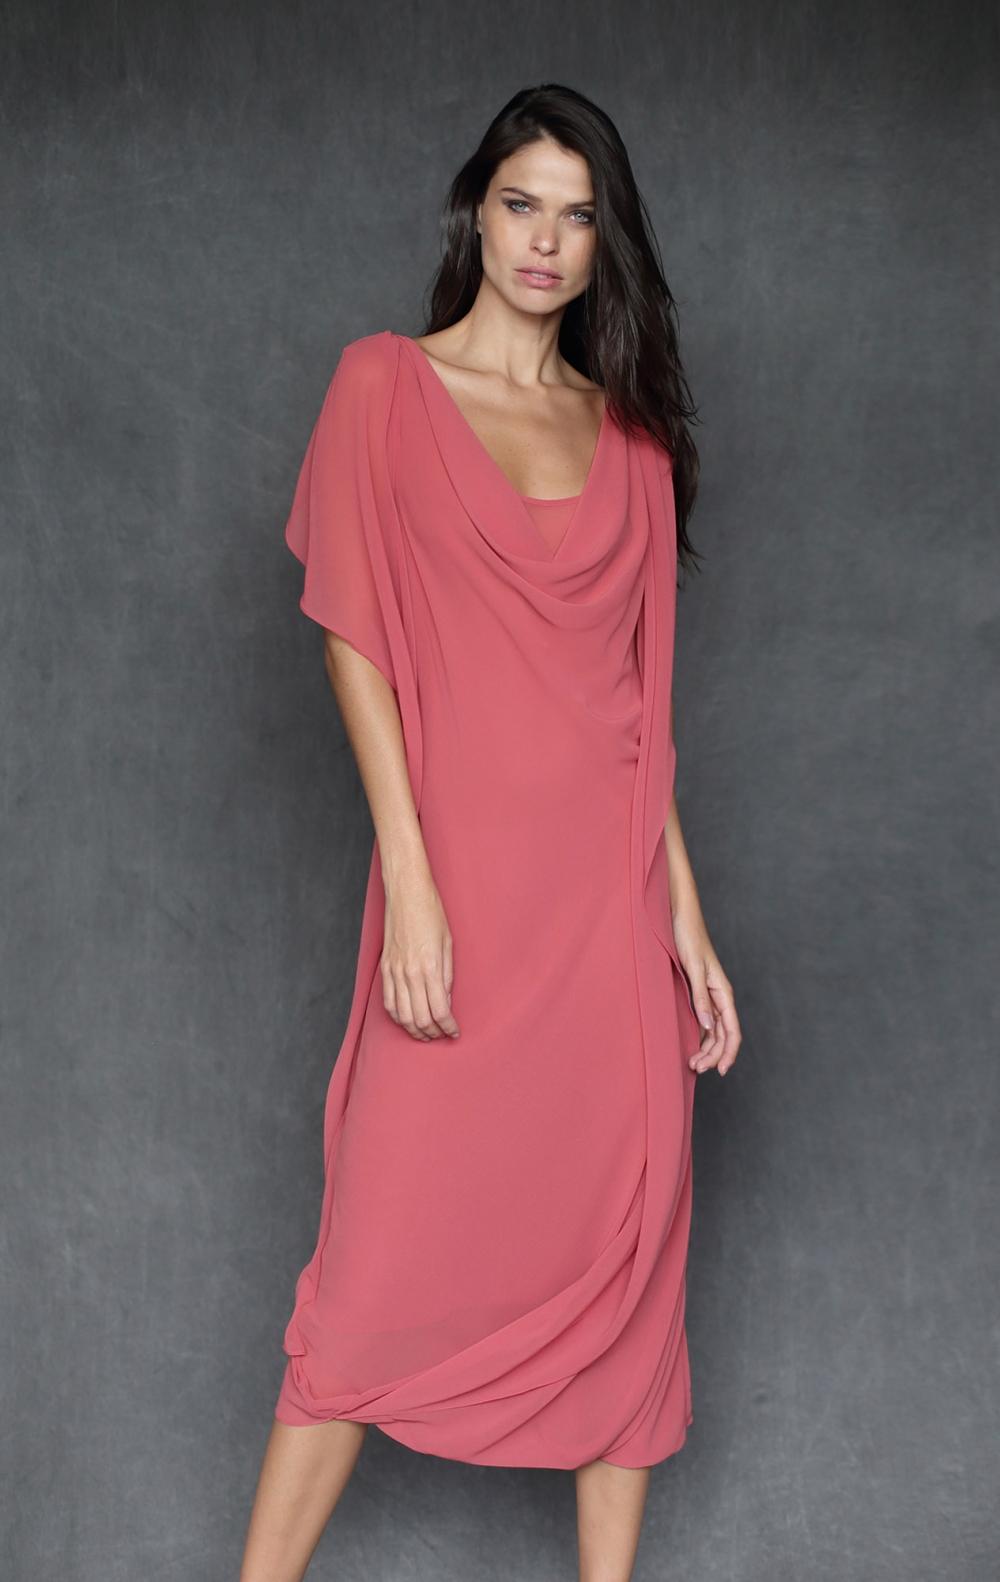 Vestido Anna Lichia  - Foto 1